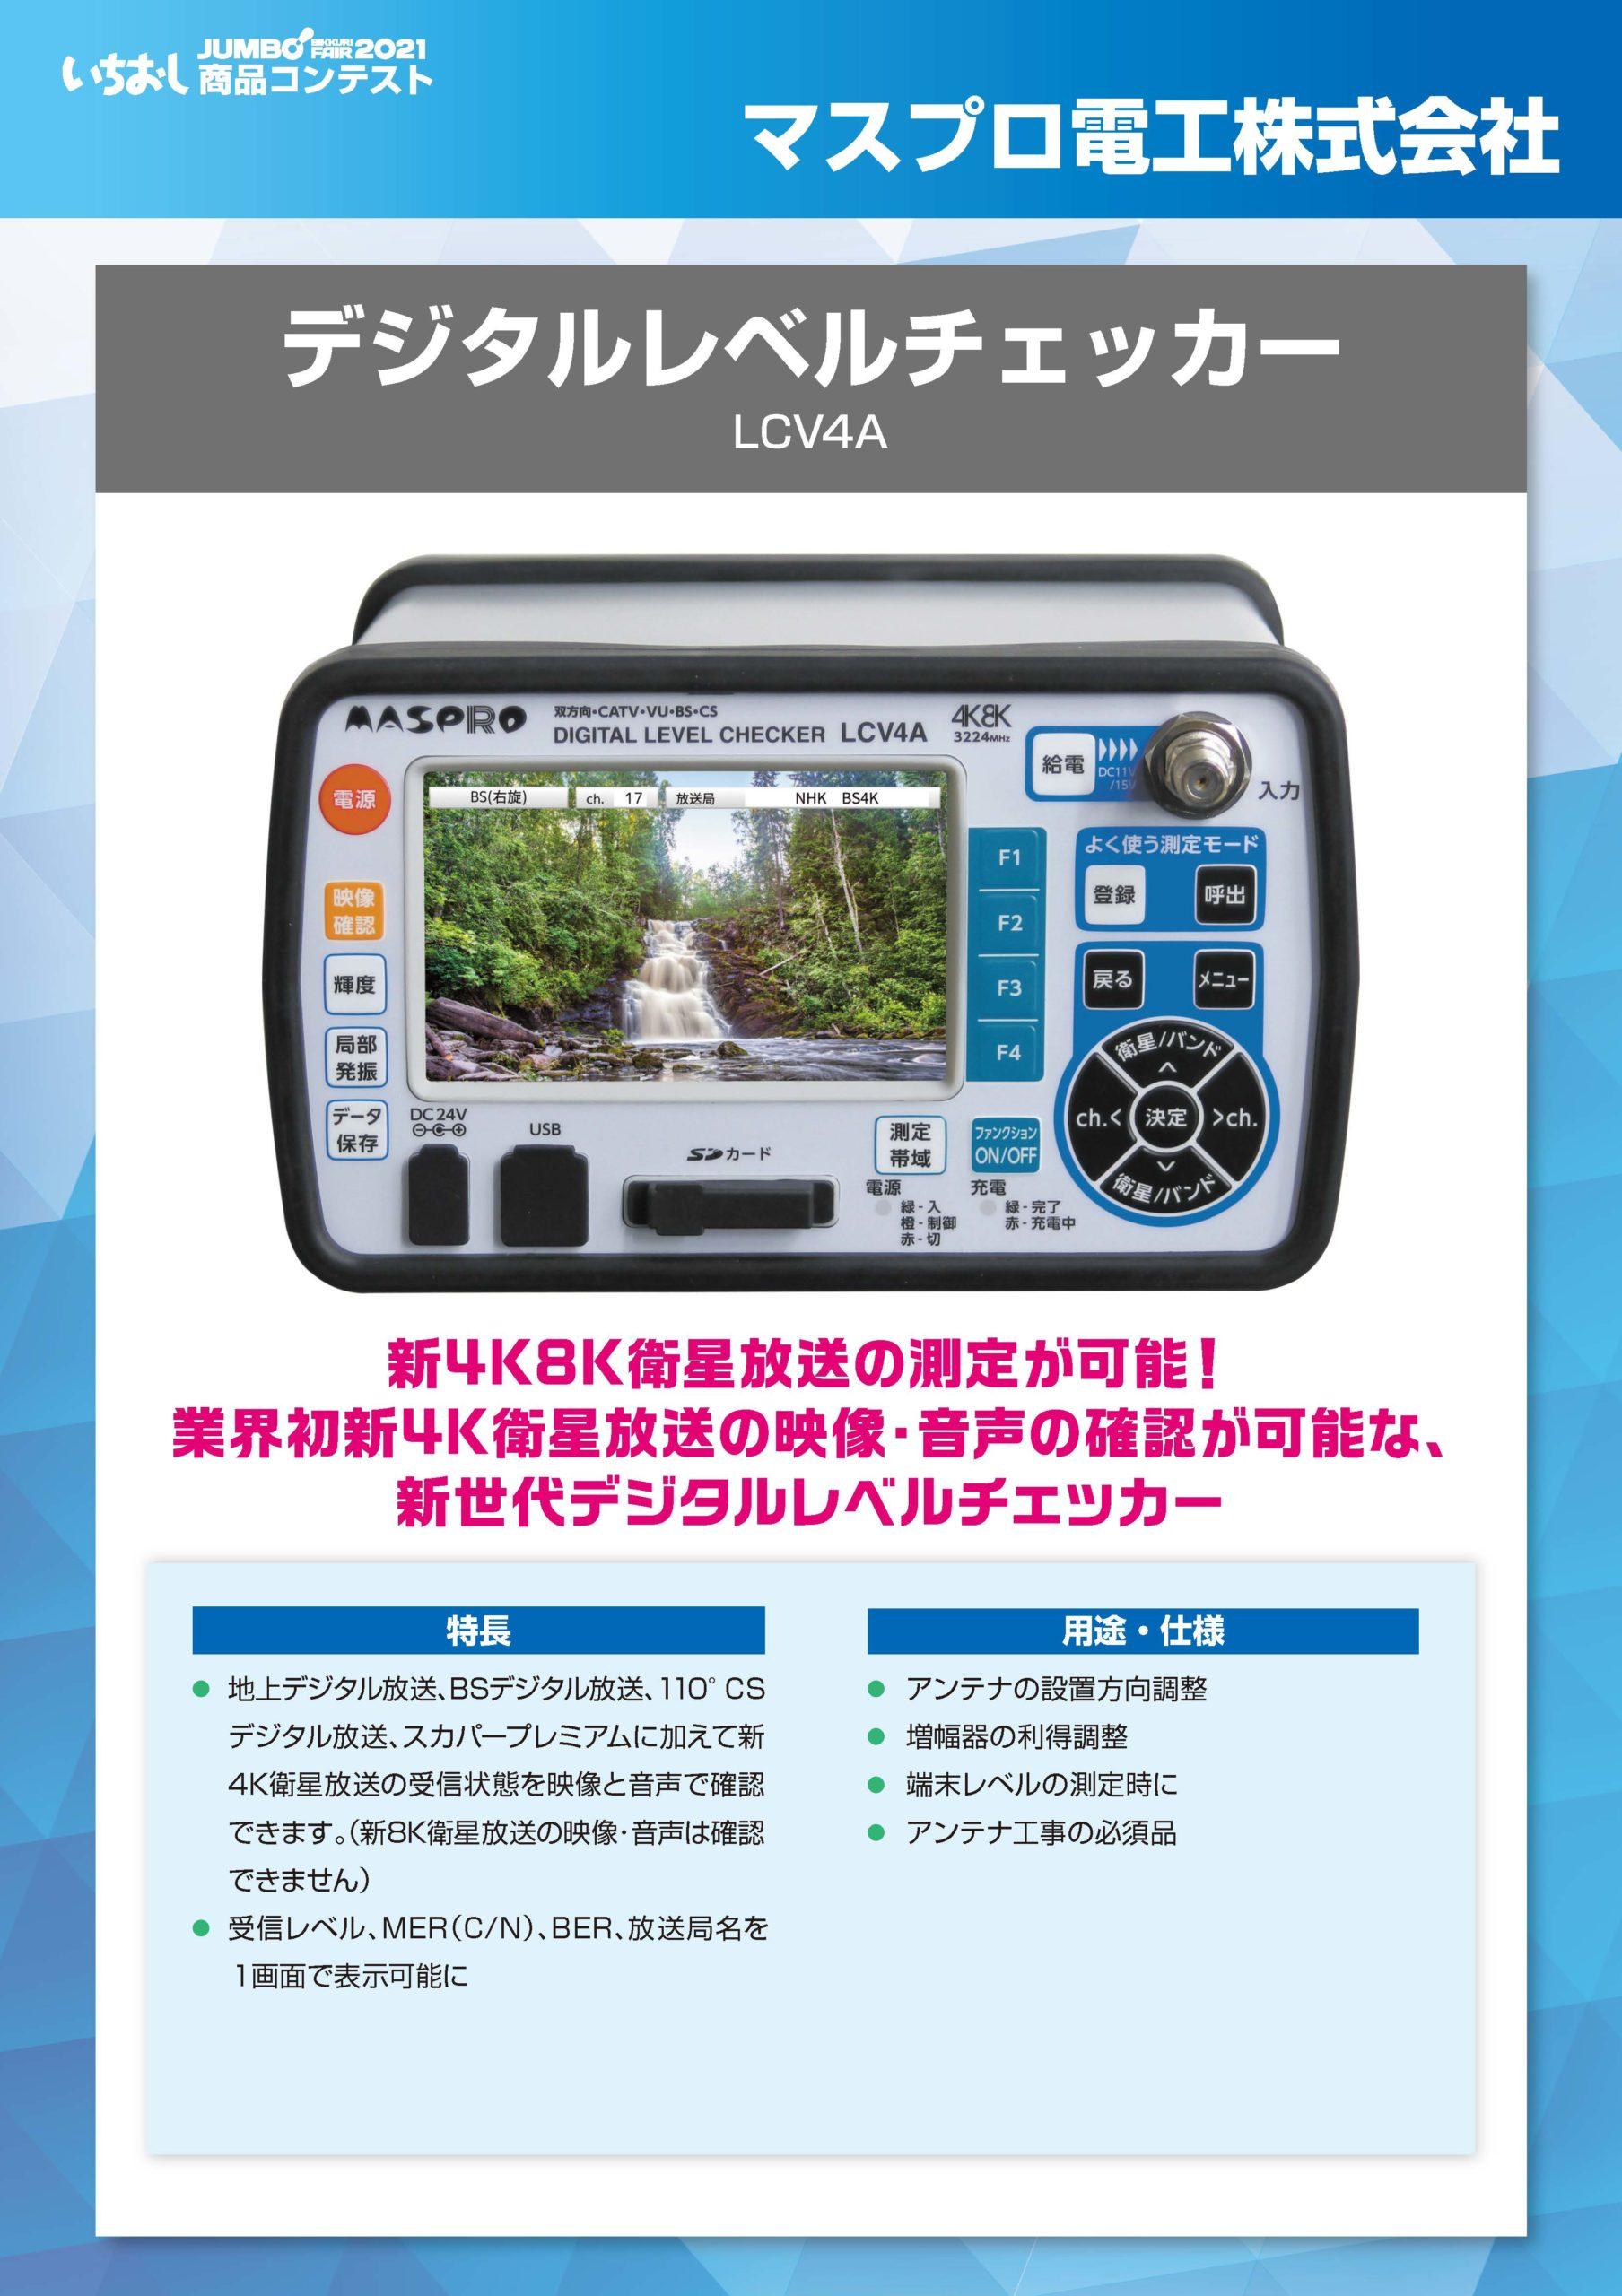 「デジタルレベルチェッカー」マスプロ電工株式会社の画像